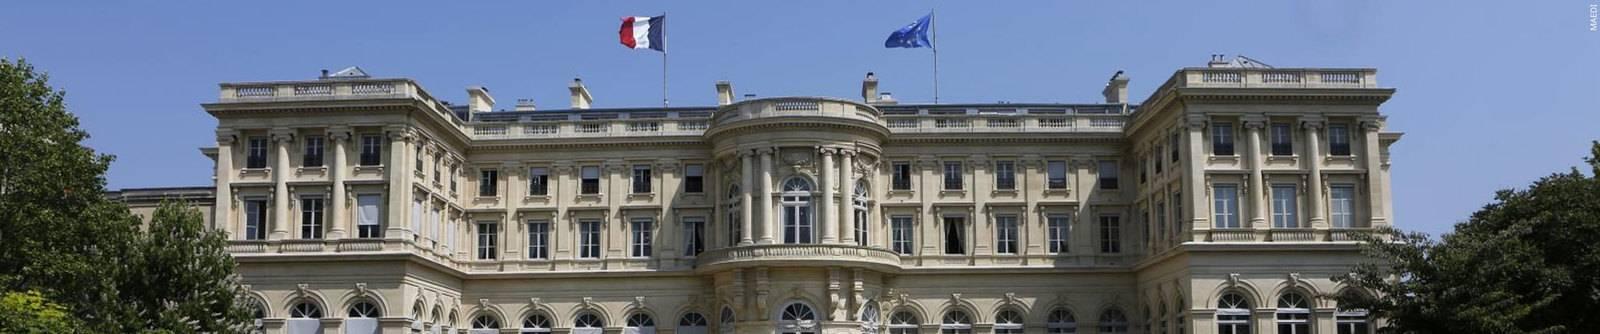 https://www.diplomatie.gouv.fr/local/cache-vignettes/L1600xH334/ministere_bandeau_cle057f43-bd628.jpg?1532445007